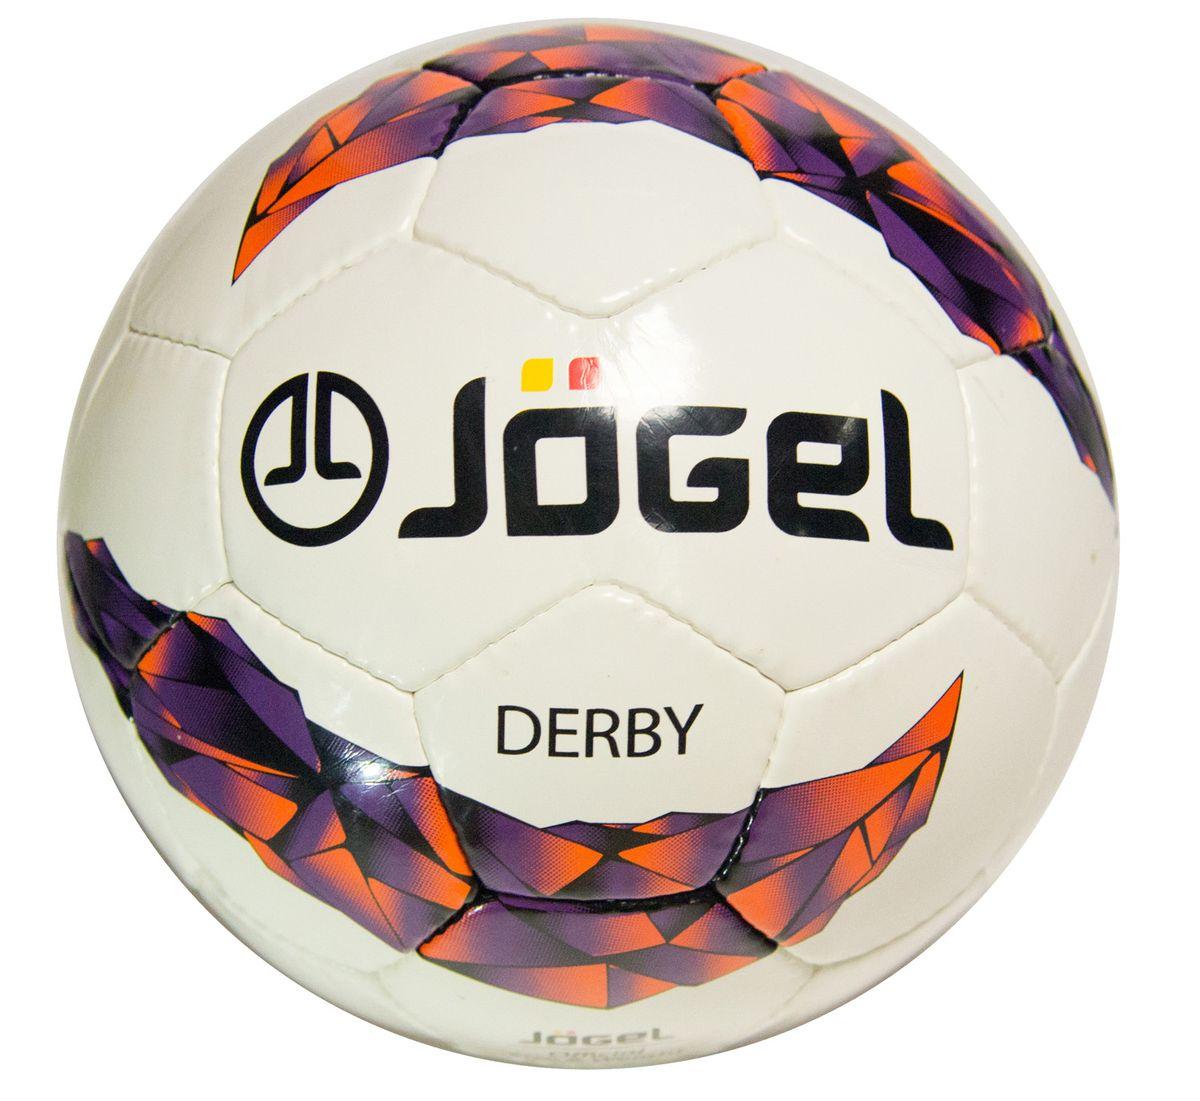 Мяч футбольный Jogel Derby, цвет: белый, сиреневый, оранжевый, черный. Размер 5. JS-500УТ-00009476Название: Мяч футбольный Jgel JS-500 Derby №5 Категория: Тренировочный мяч Коллекция: 2016/2017 Описание: Jogel JS-500 Derby классический тренировочный мяч ручной сшивки, один из самых популярных в текущей коллекции Jogel. Его отличительными особенностями являются прекрасные технические характеристики, соответствующие требованиям тренировочного процесса, и разумная цена. Данный мяч рекомендован для тренировок и тренировочных игр клубных и любительских команд. Поверхность мяча выполнена из глянцевой синтетической кожи (полиуретан) толщиной 1,0 мм. Мяч имеет 4 подкладочных слоя на нетканой основе (смесь хлопка с полиэстером) и оснащен латексной камерой с бутиловым ниппелем, обеспечивающим долгое сохранение воздуха в камере. Уникальной особенностью бренда Jogel является традиционная конструкция мячей из 30 панелей. Привлекательный дизайн Коллекции 2016/2017 ярко выделяет мячи Jogel на витрине. Данный мяч подходит для поставок на гос. тендеры. При производстве мячей Jogel не...